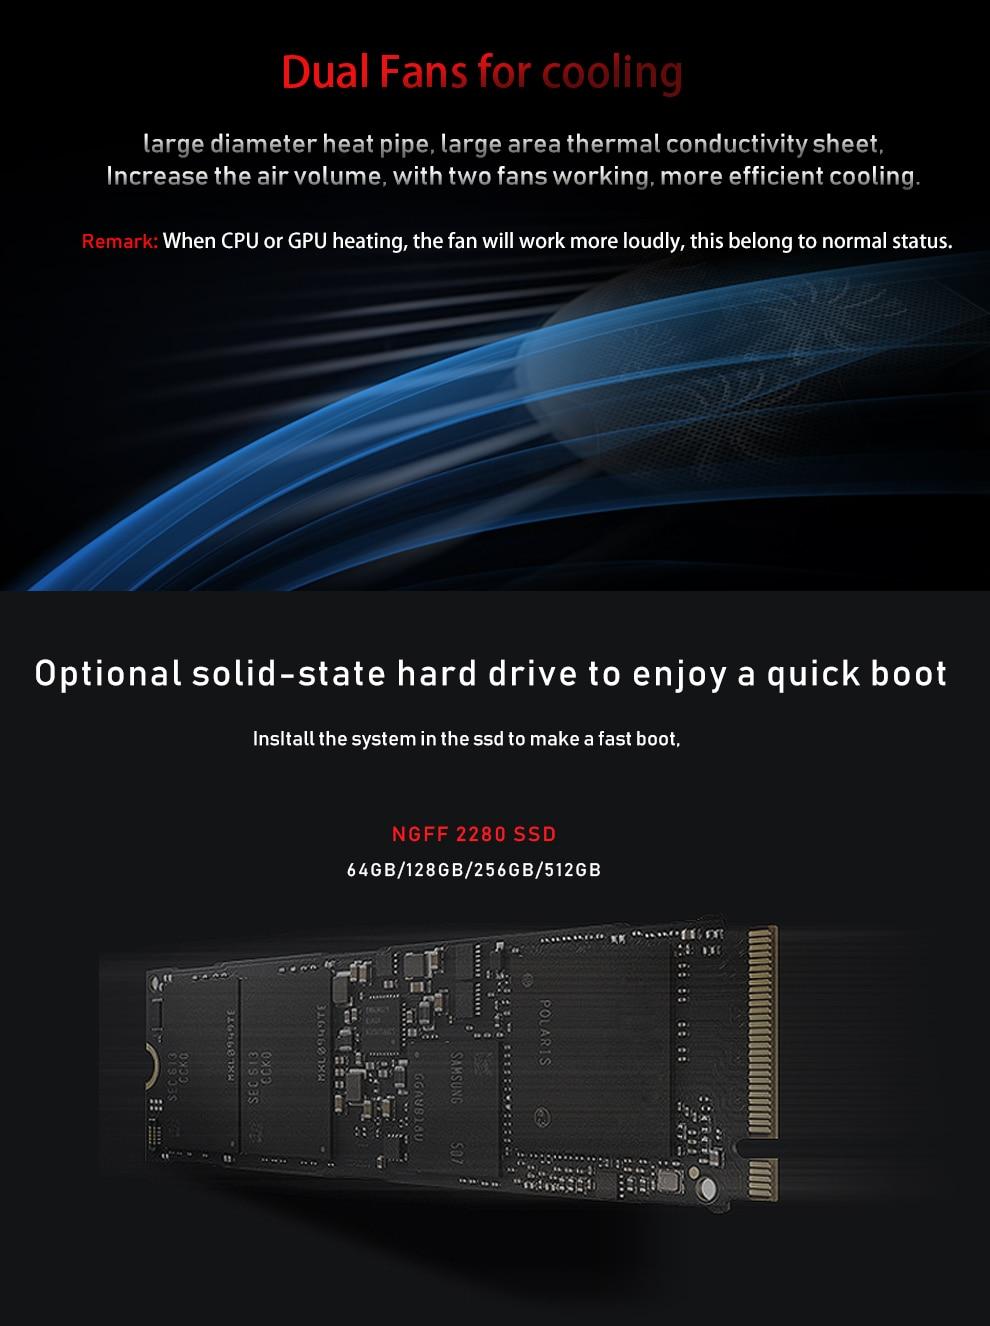 J3455-ZEUSLAP-6GB-NVIDIA-3